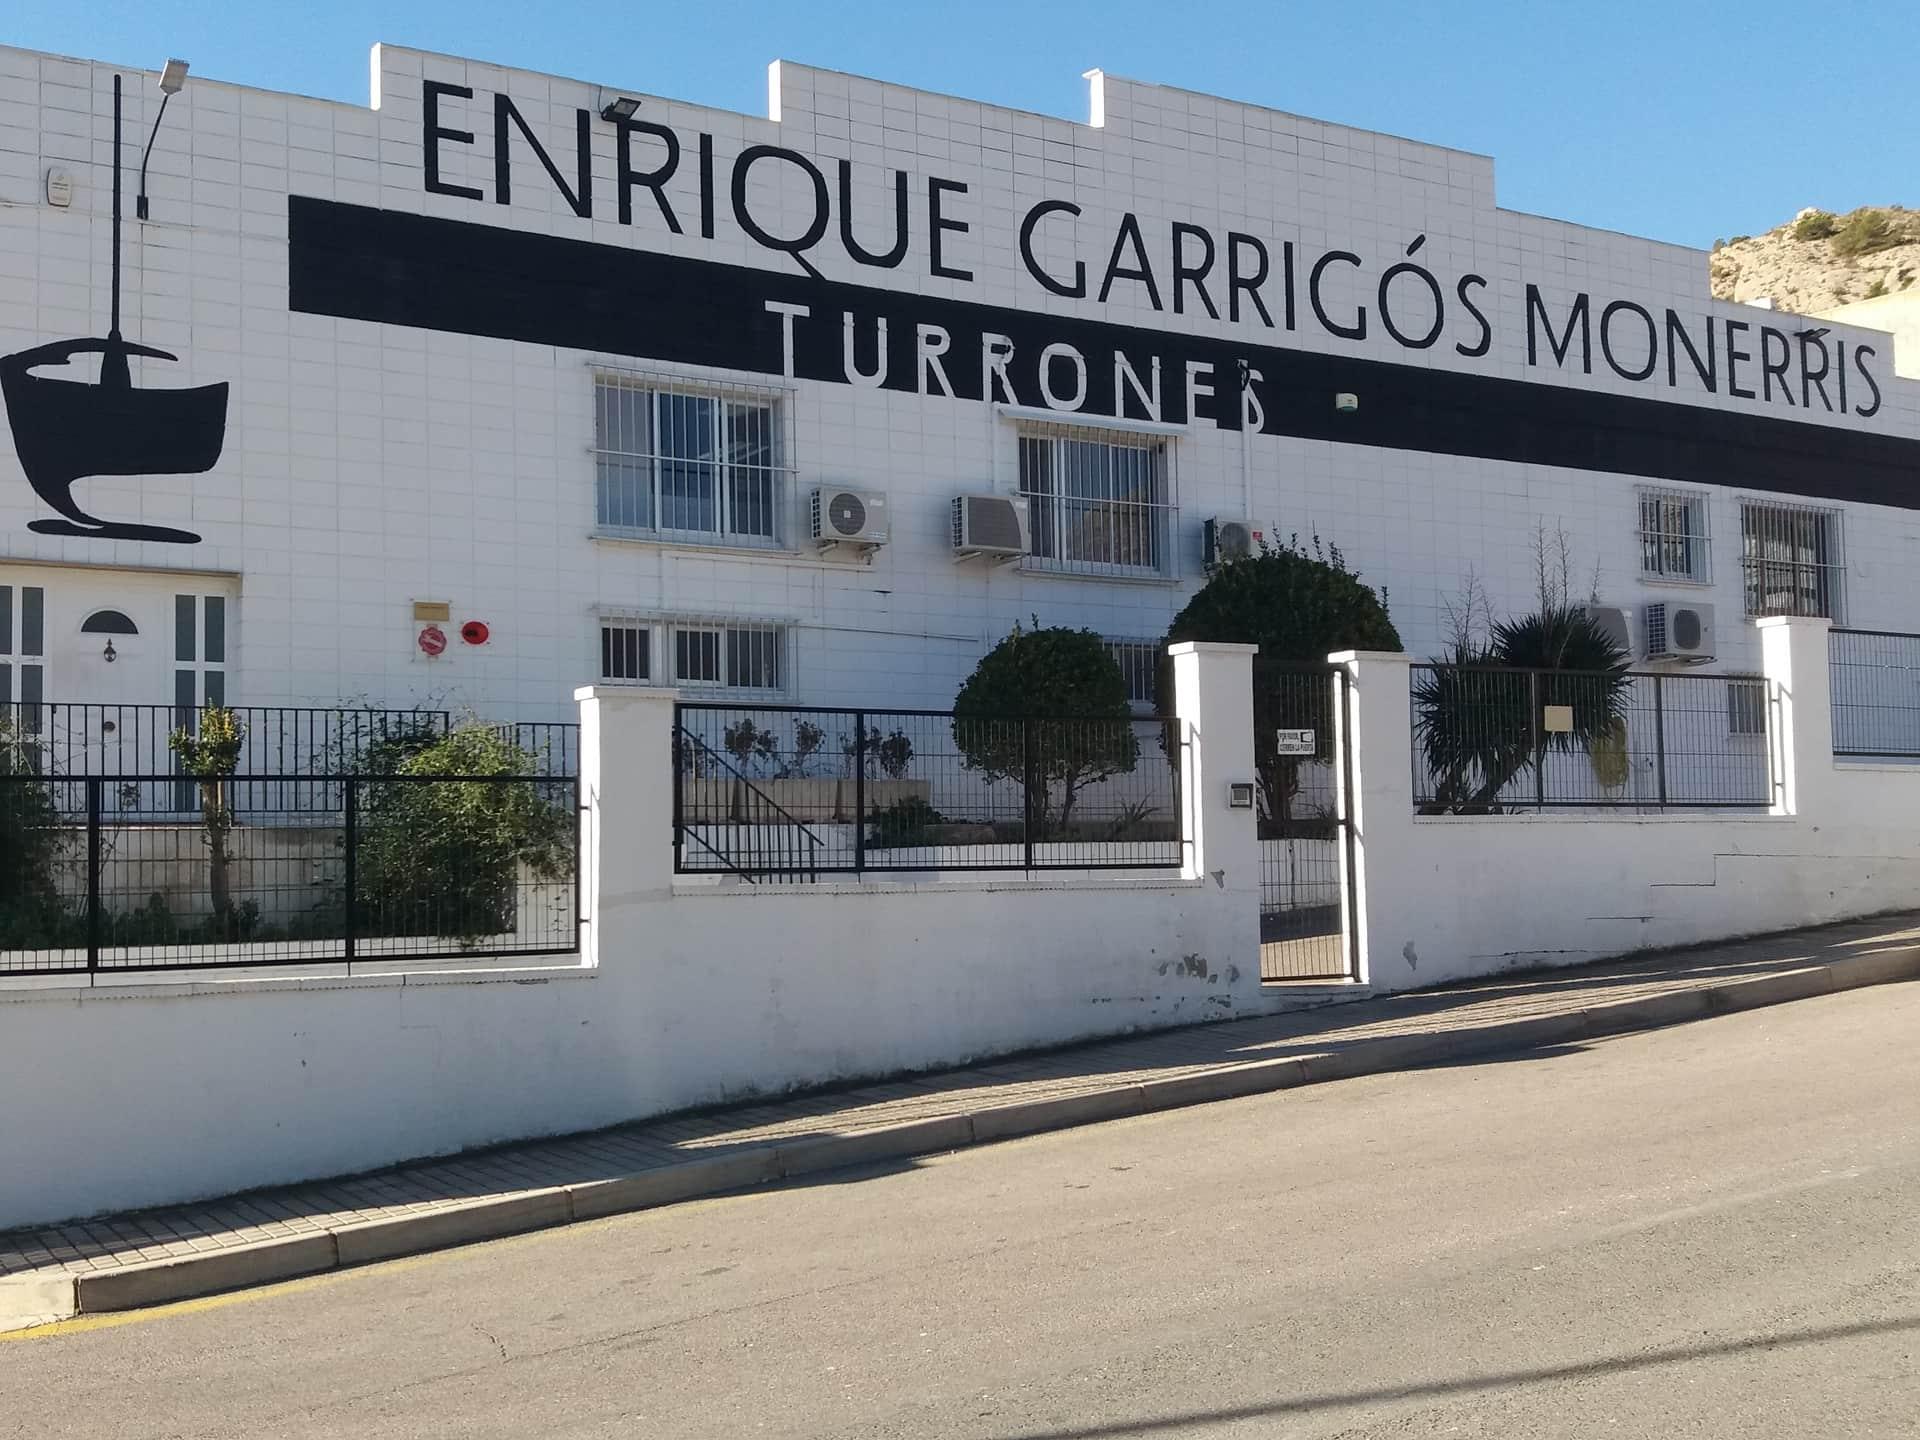 Turrones Enrique Garrigós Monerris S.A